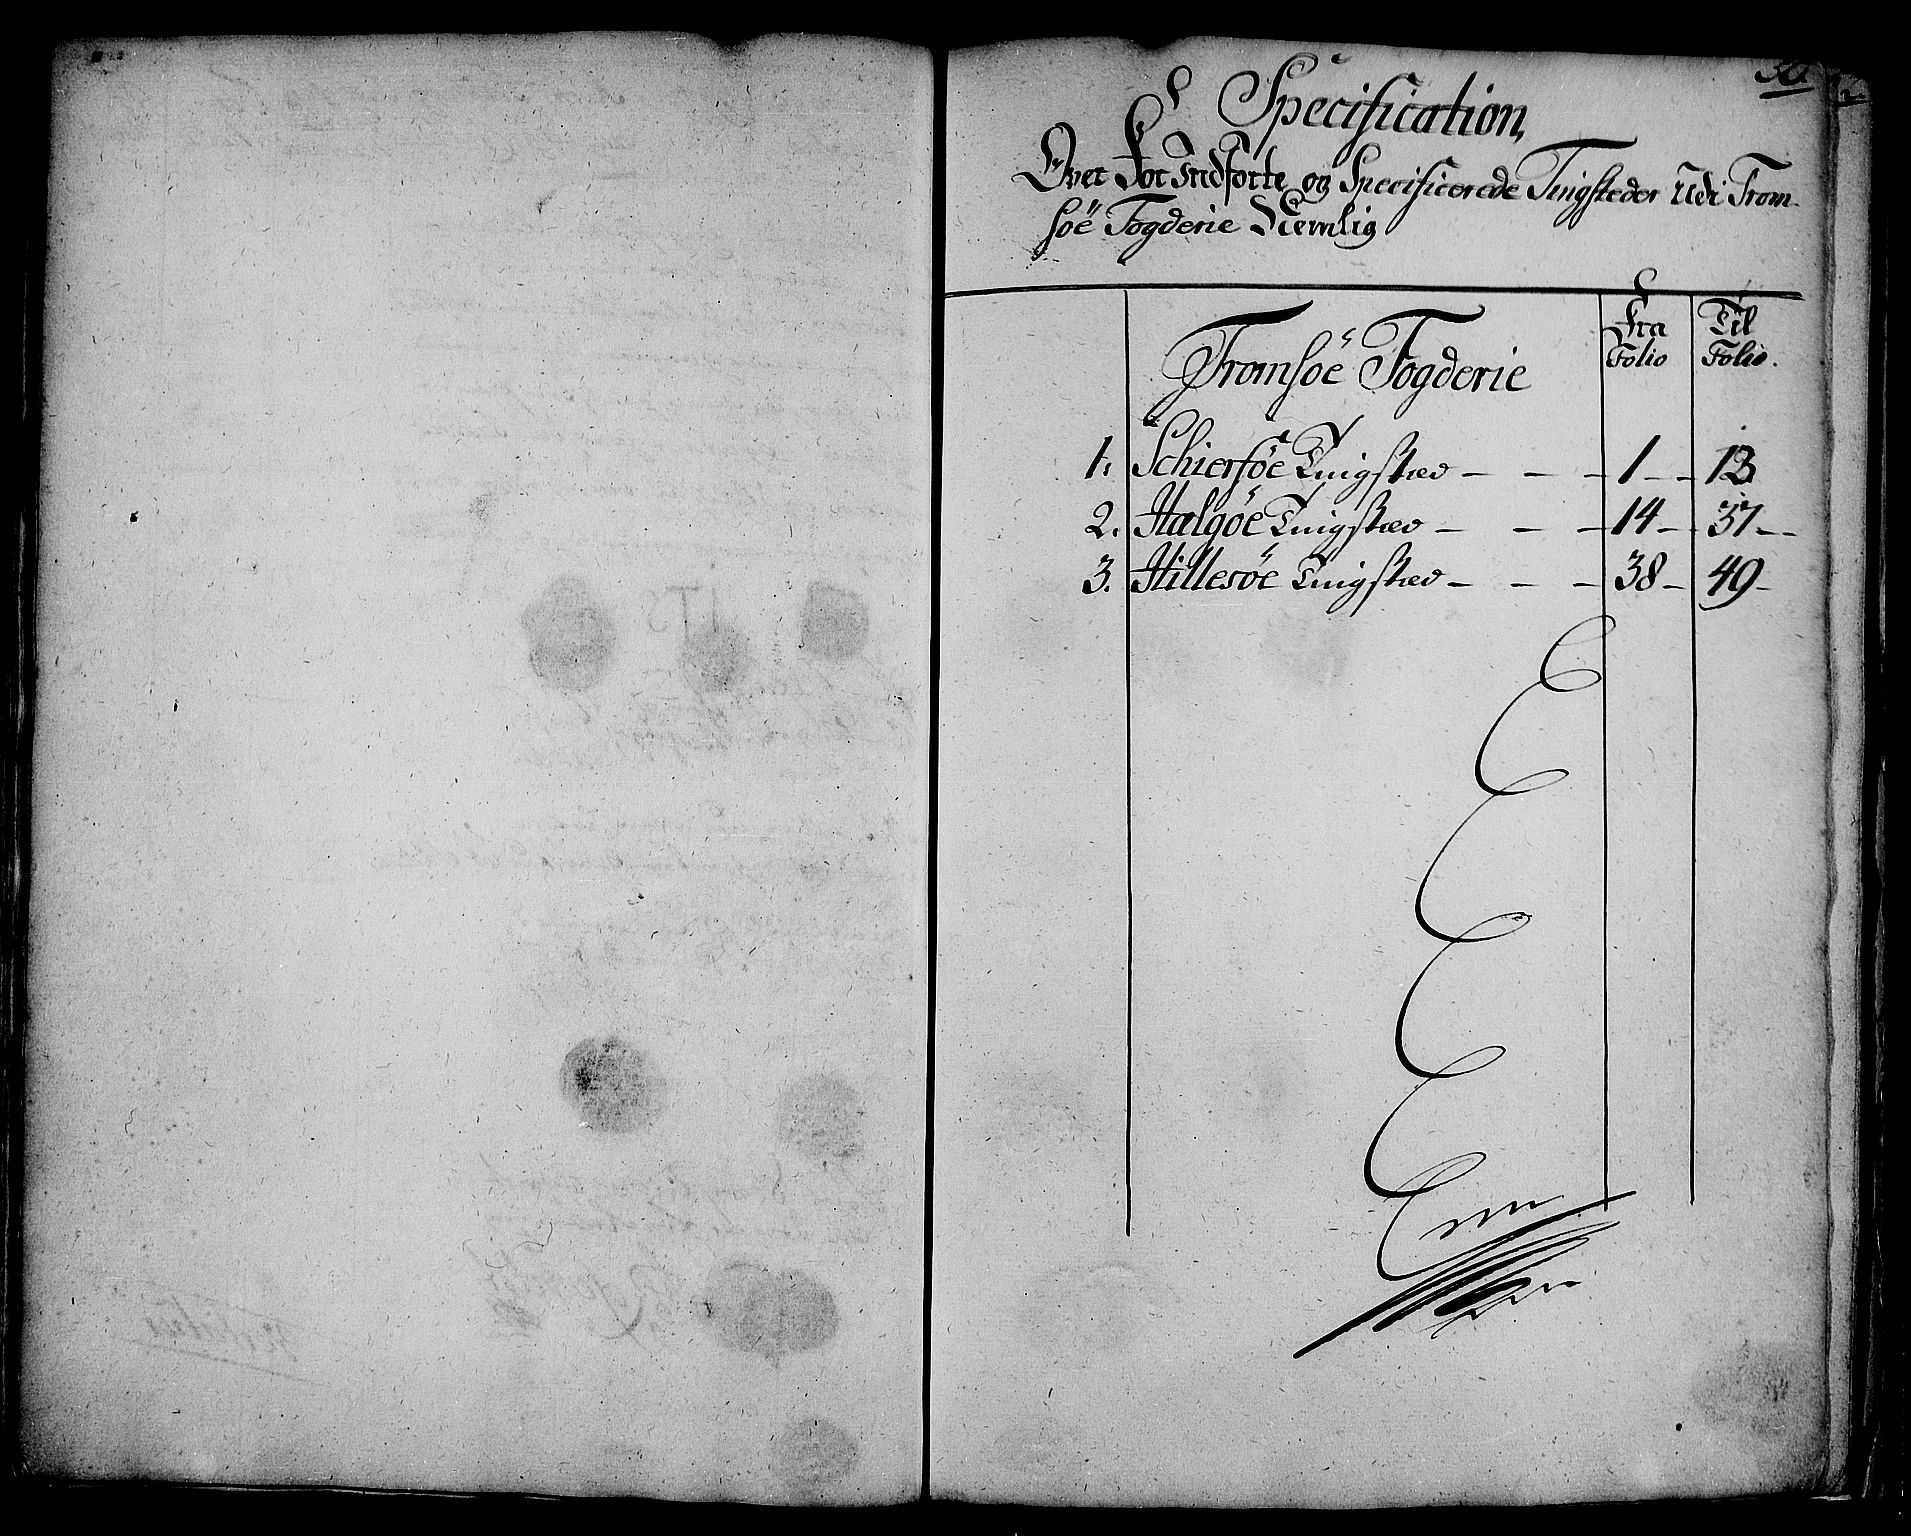 RA, Rentekammeret inntil 1814, Realistisk ordnet avdeling, N/Nb/Nbf/L0180: Troms eksaminasjonsprotokoll, 1723, s. 49b-50a